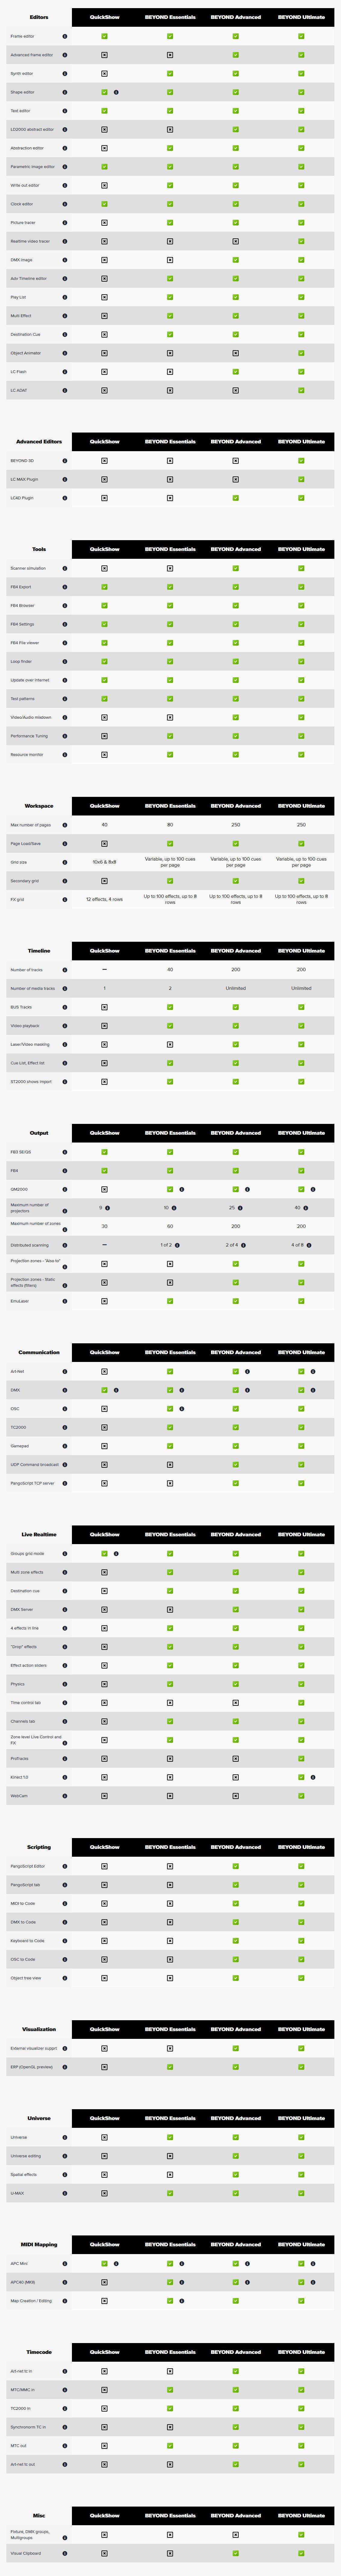 Laserdesigner Pangolin Beyond ( Essentials, Advanced und Ultimate ) im Vergleich zu QuickShow